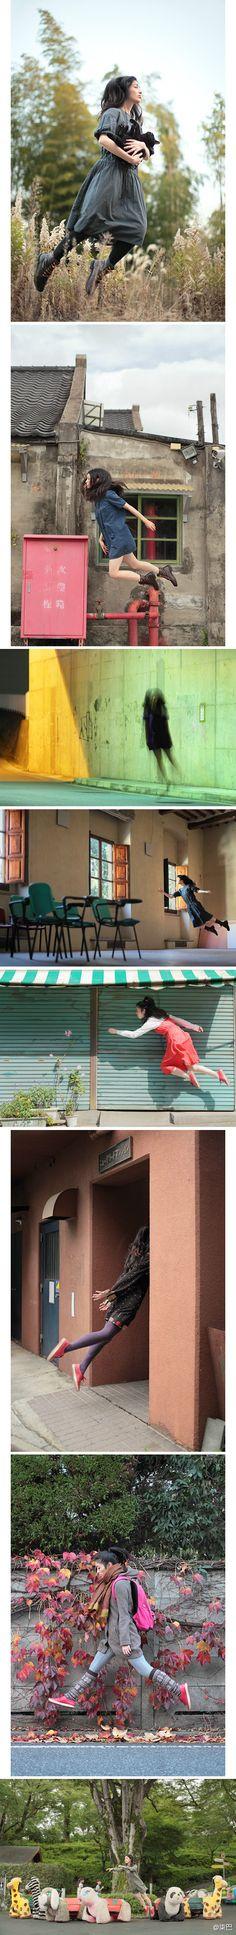 """日本女孩Natsumi Hayashi突发奇想,带着自己的单反相机在东京的大街小巷跳跃,拍下她""""漂浮""""的照片。虽然这不是什麽特别技巧,但是她说,""""就像地心引力般,繁重的社会压力影响着我们每一个人。希望借着这样飘浮在空中的照片,让烦重压力之下的大家也能感到一点自由吧。"""""""